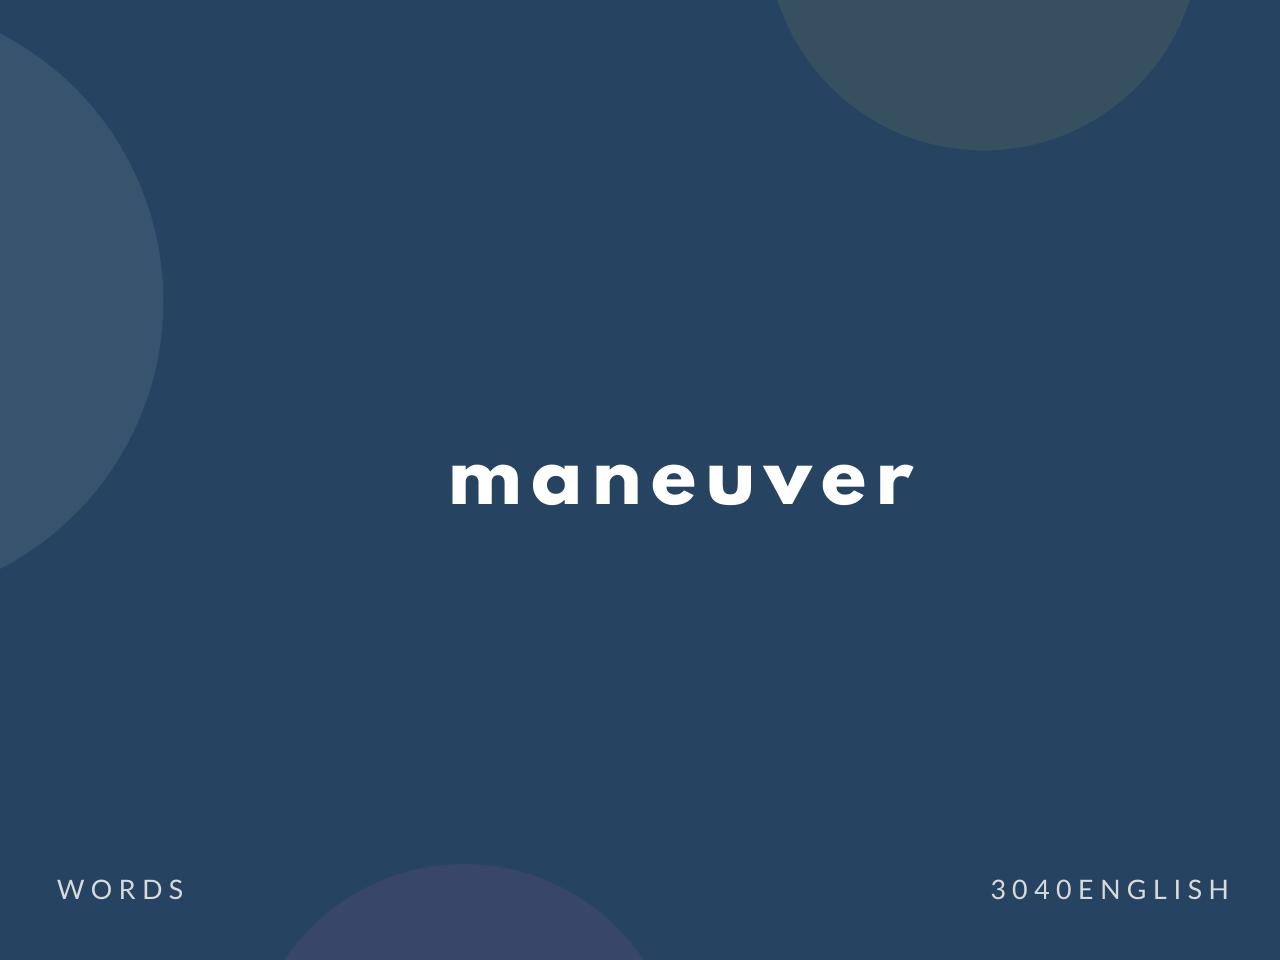 maneuver の意味と簡単な使い方【音読用例文あり】